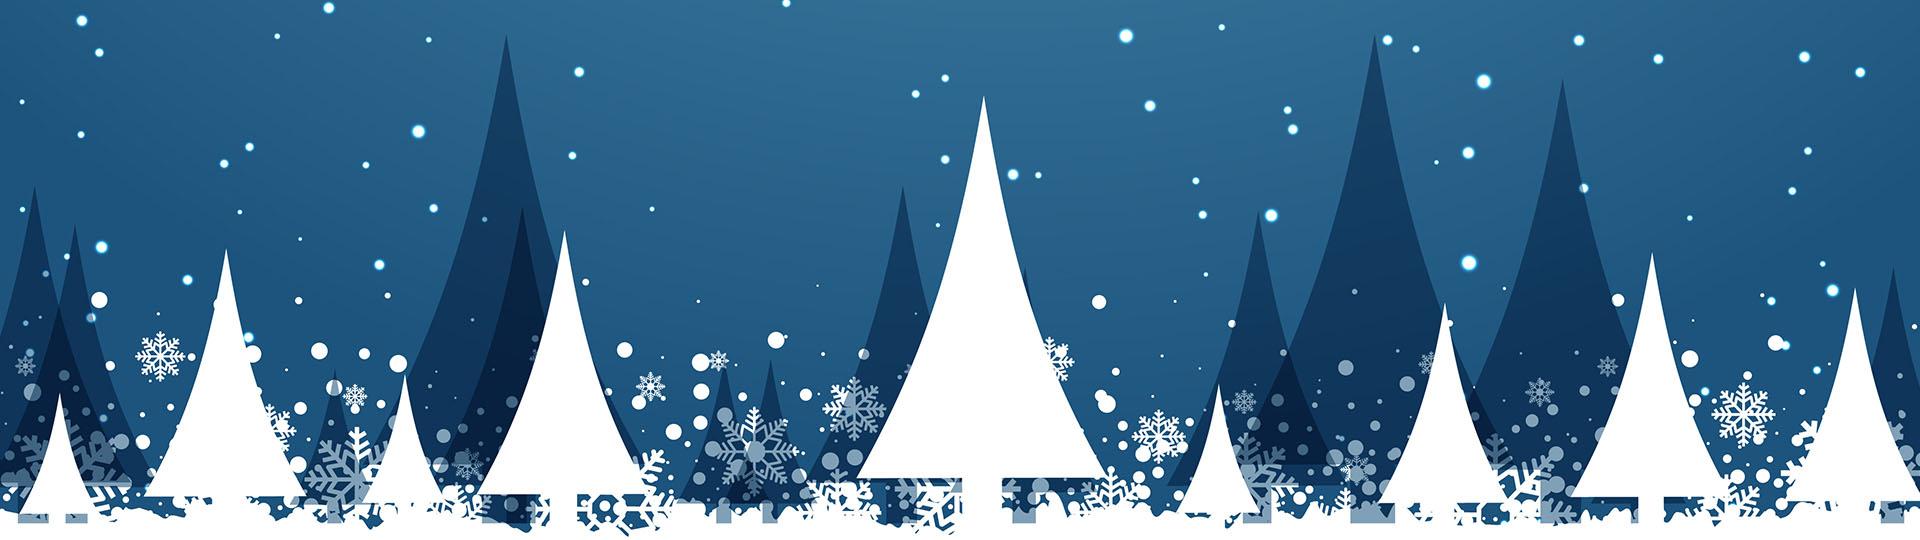 Srećnu Novu Godinu i Božićne praznike želi Vam TSIS